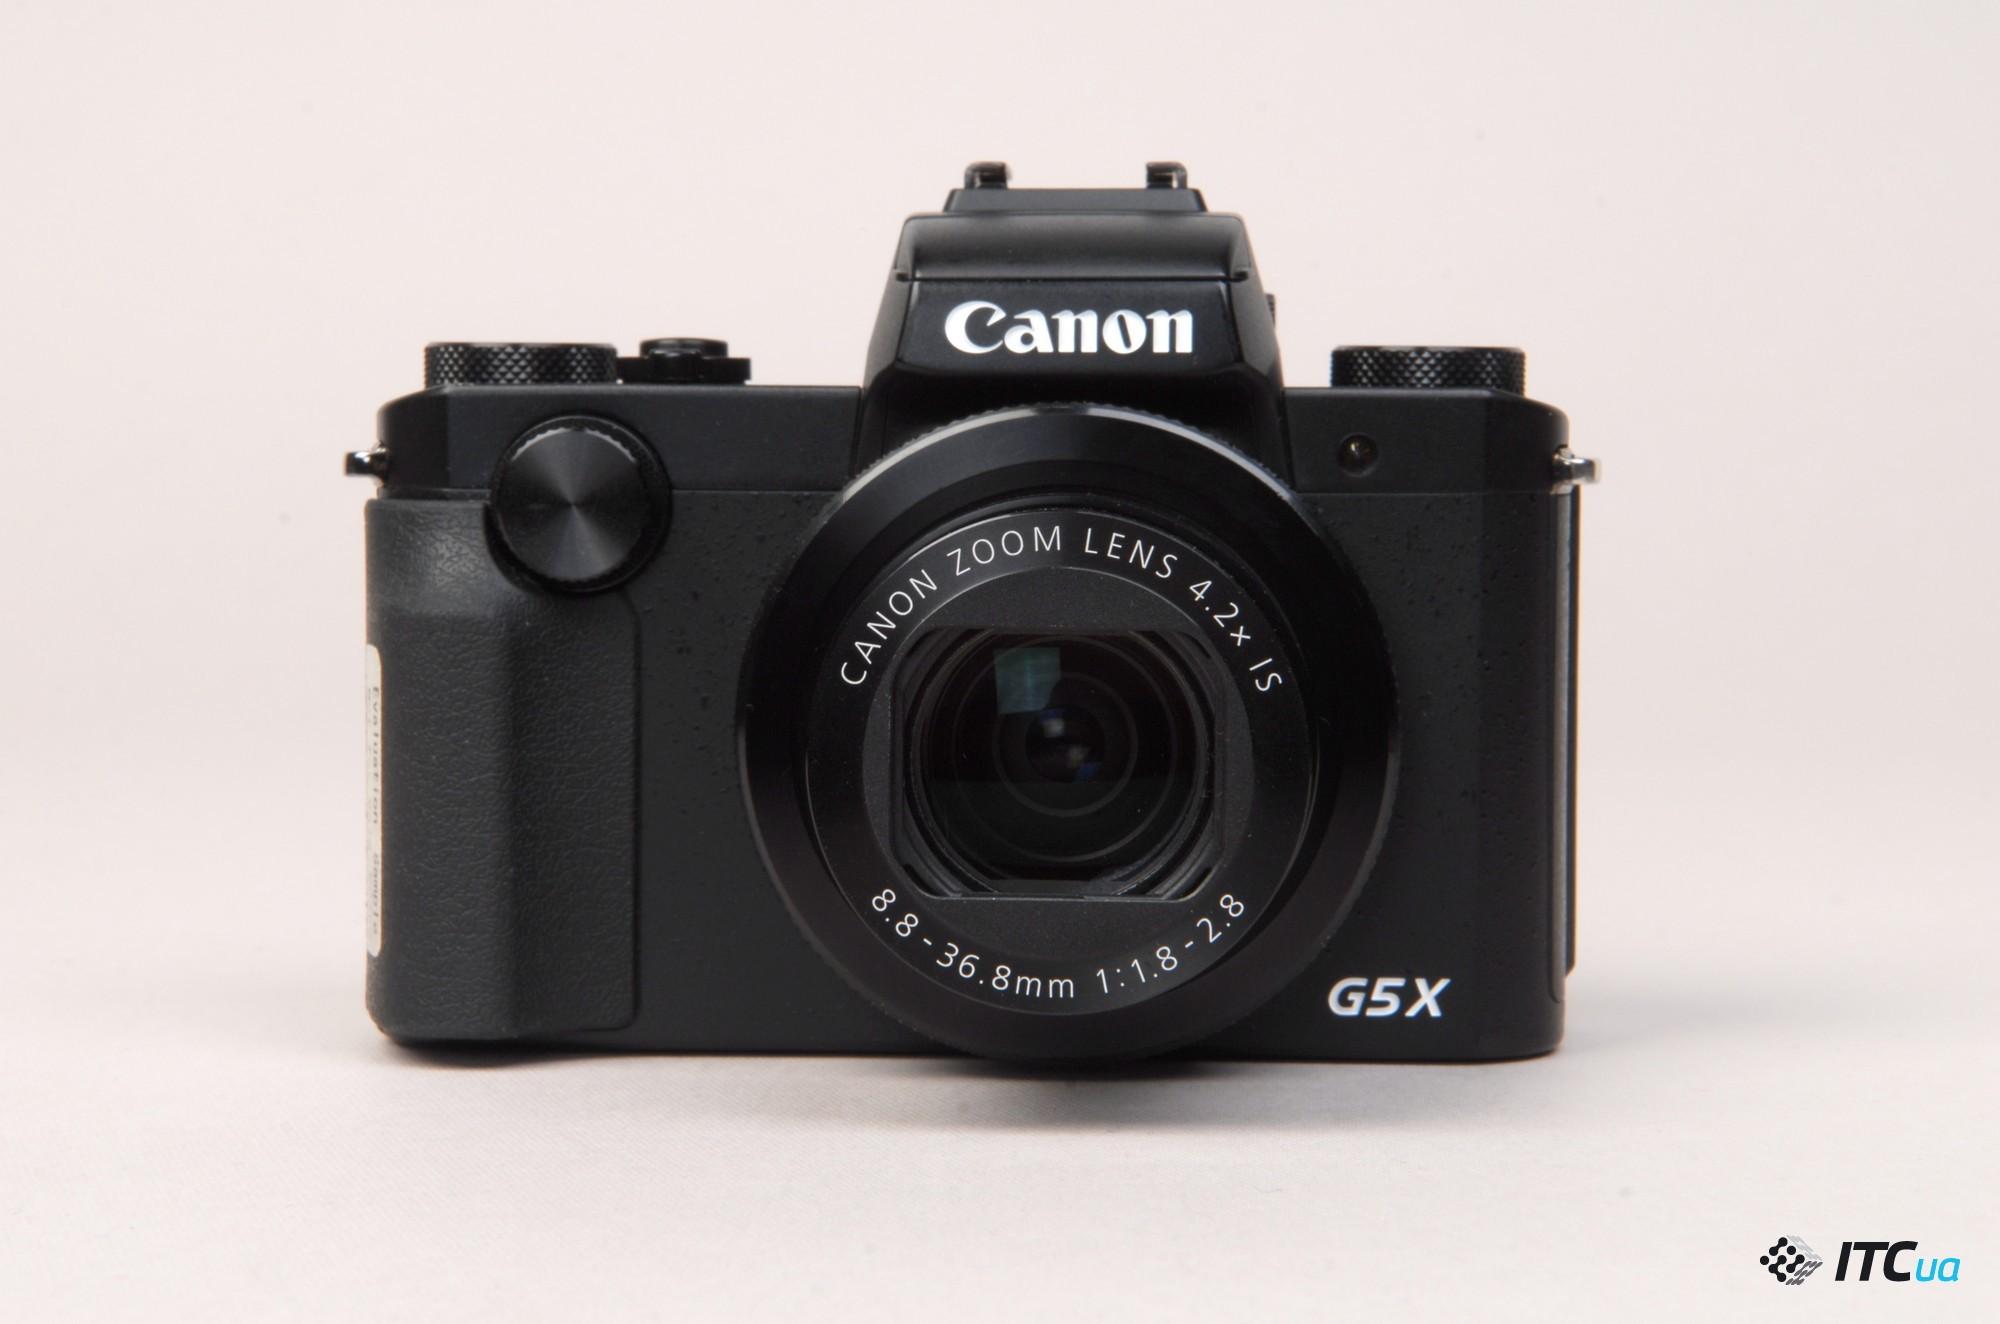 Canon PowerShot G5 X: компактный фотоаппарат для продвинутых